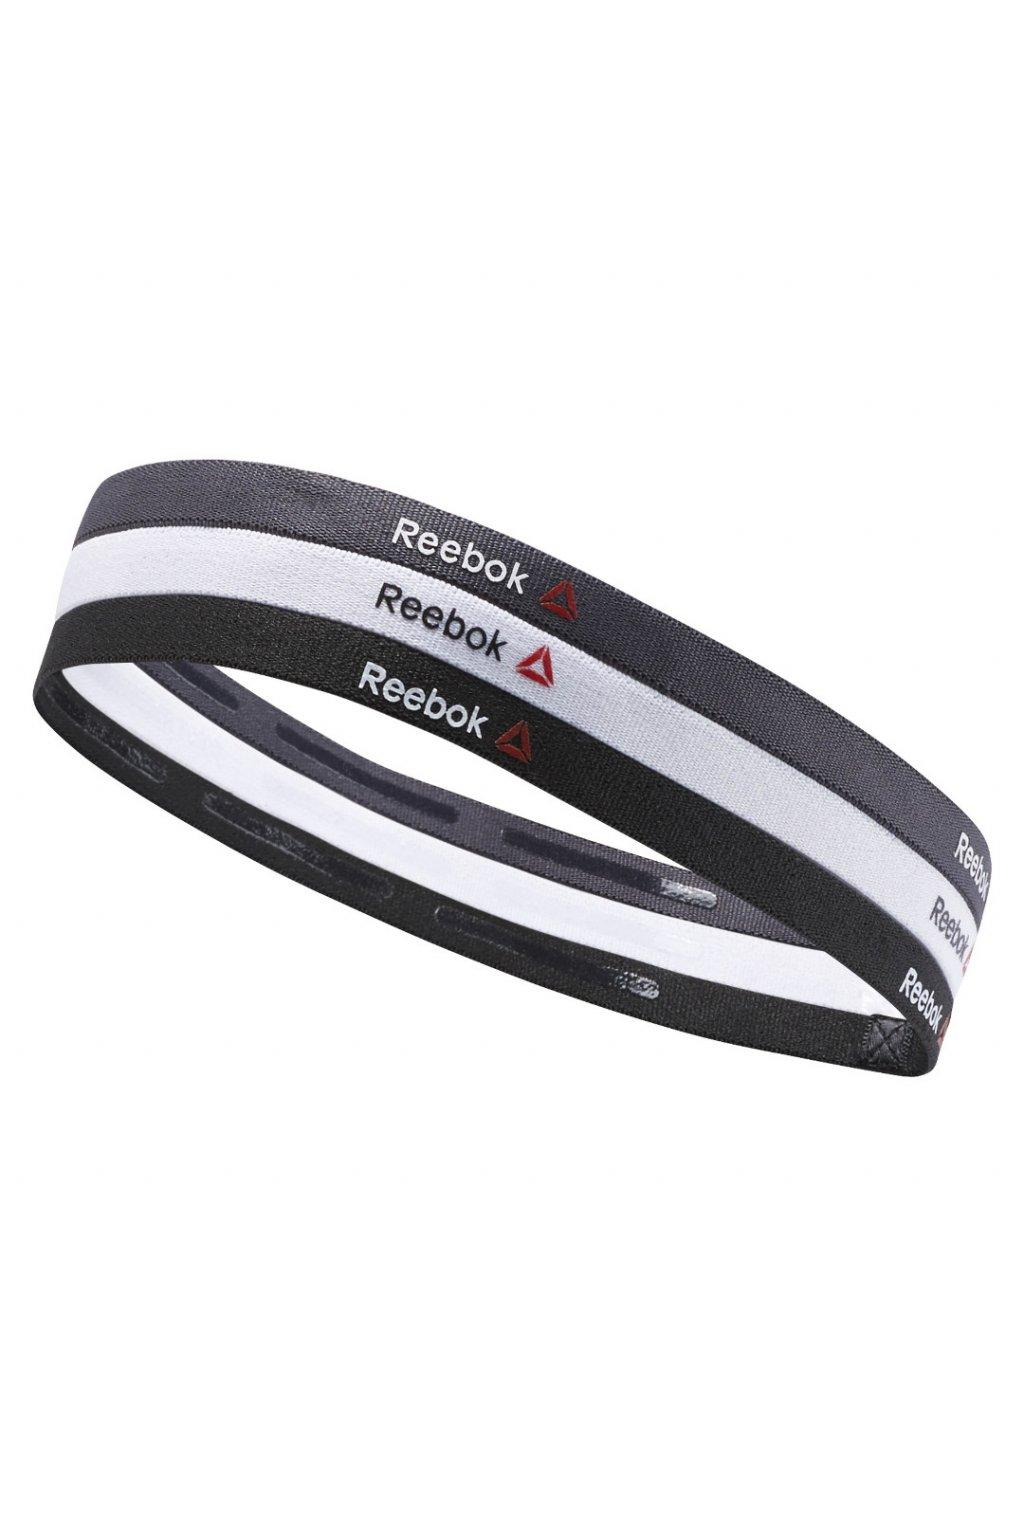 ay0250 reebok 3p thin headband (1)